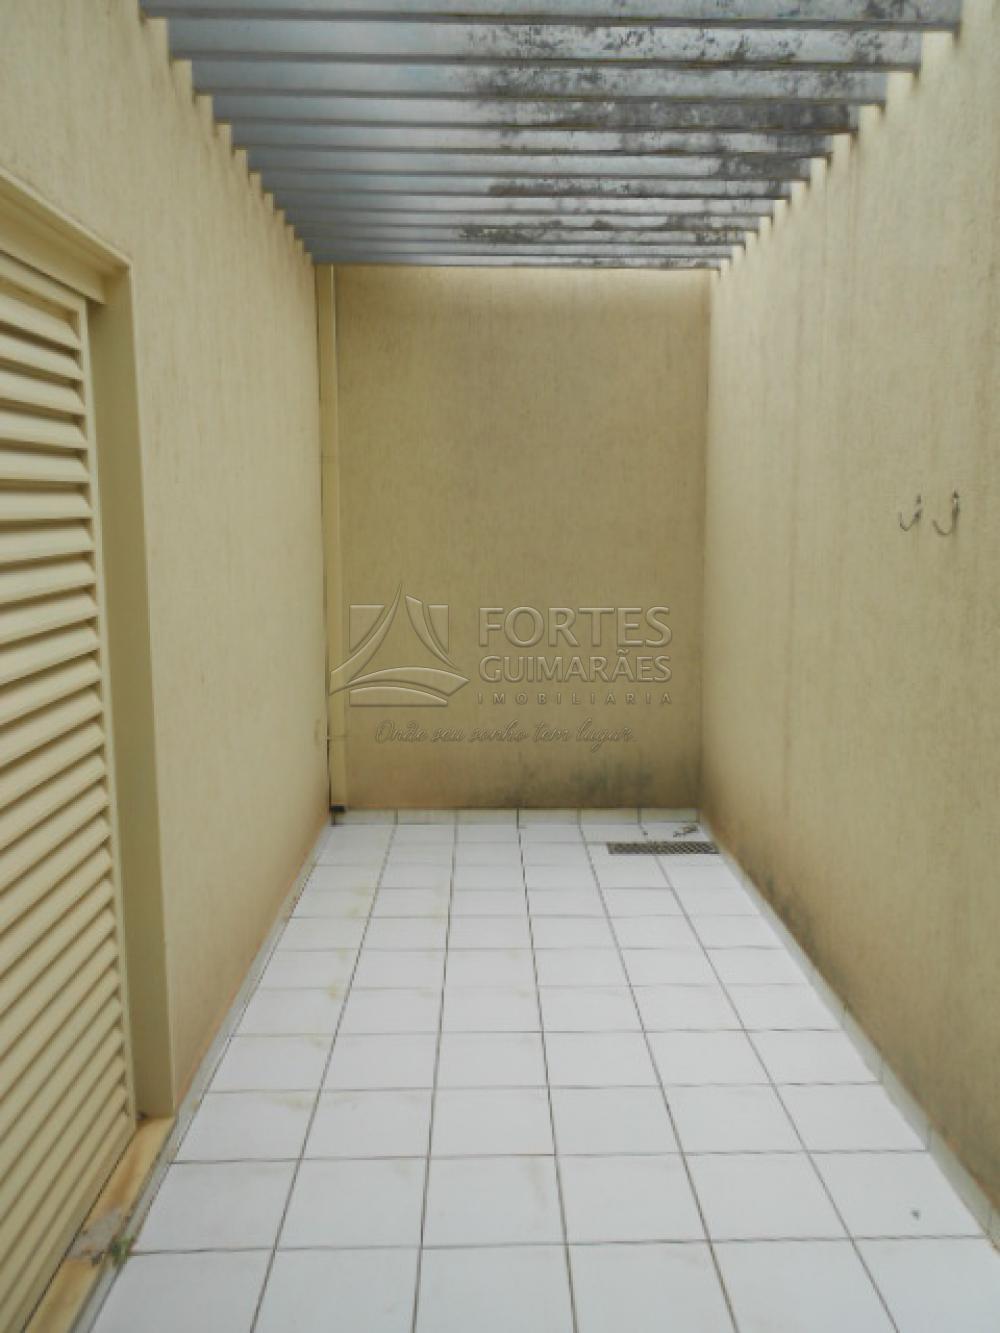 Alugar Comercial / Imóvel Comercial em Ribeirão Preto apenas R$ 3.000,00 - Foto 44